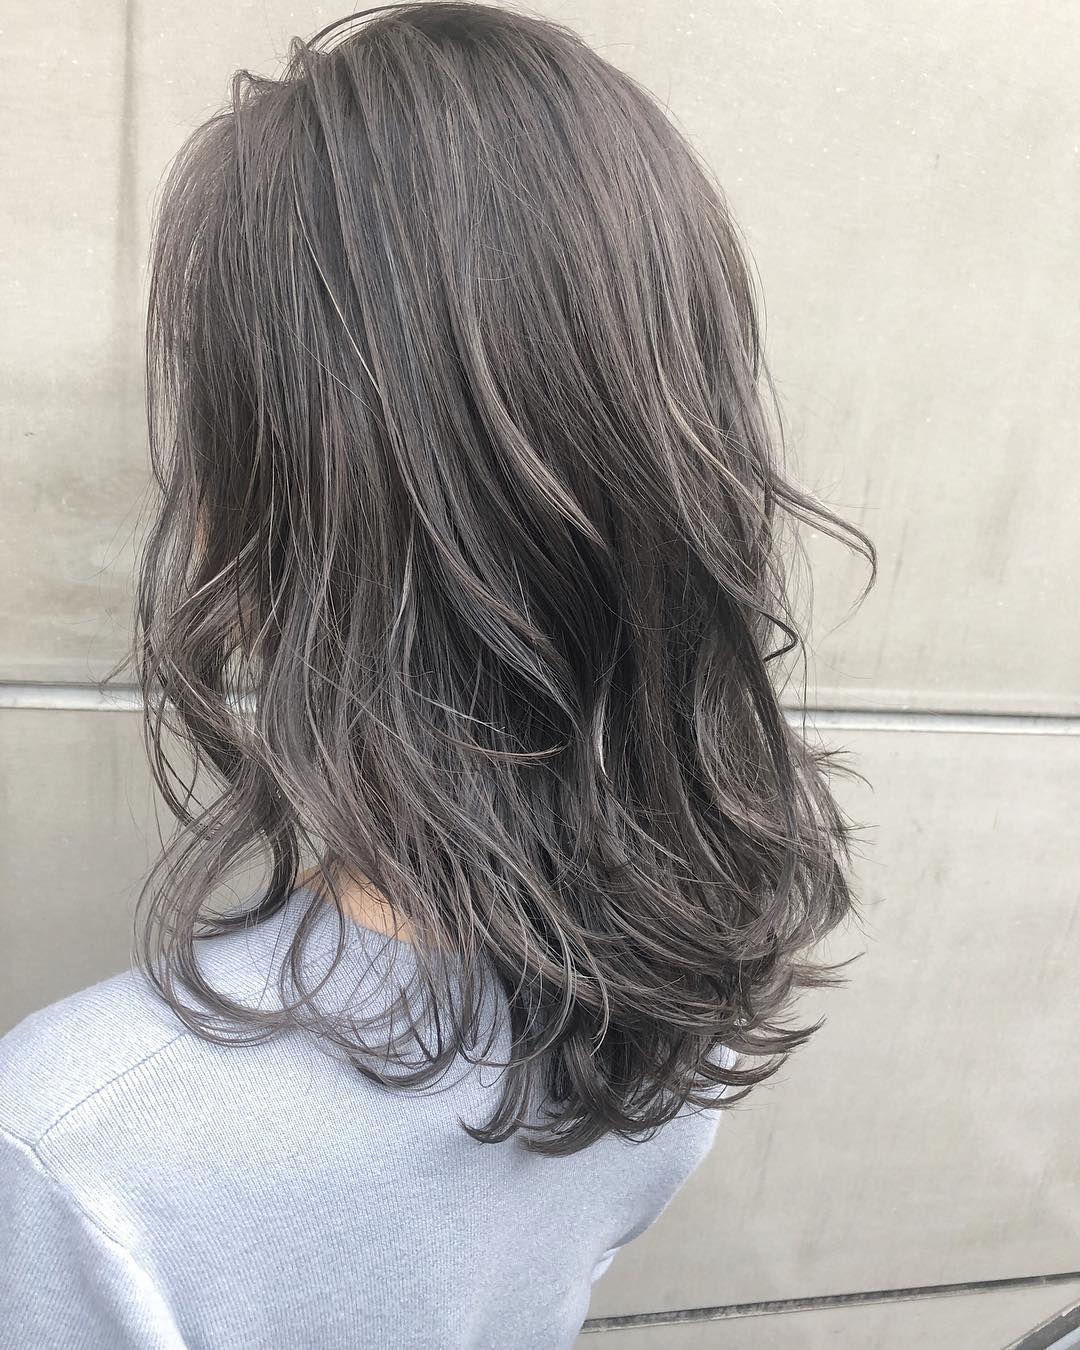 New The 10 Best Hairstyles With Pictures グレー系のオーダー多めです Much Killa ハイライトブリーチなしのダブルカラーグレーグレージュベージュは是非お任せ下さい